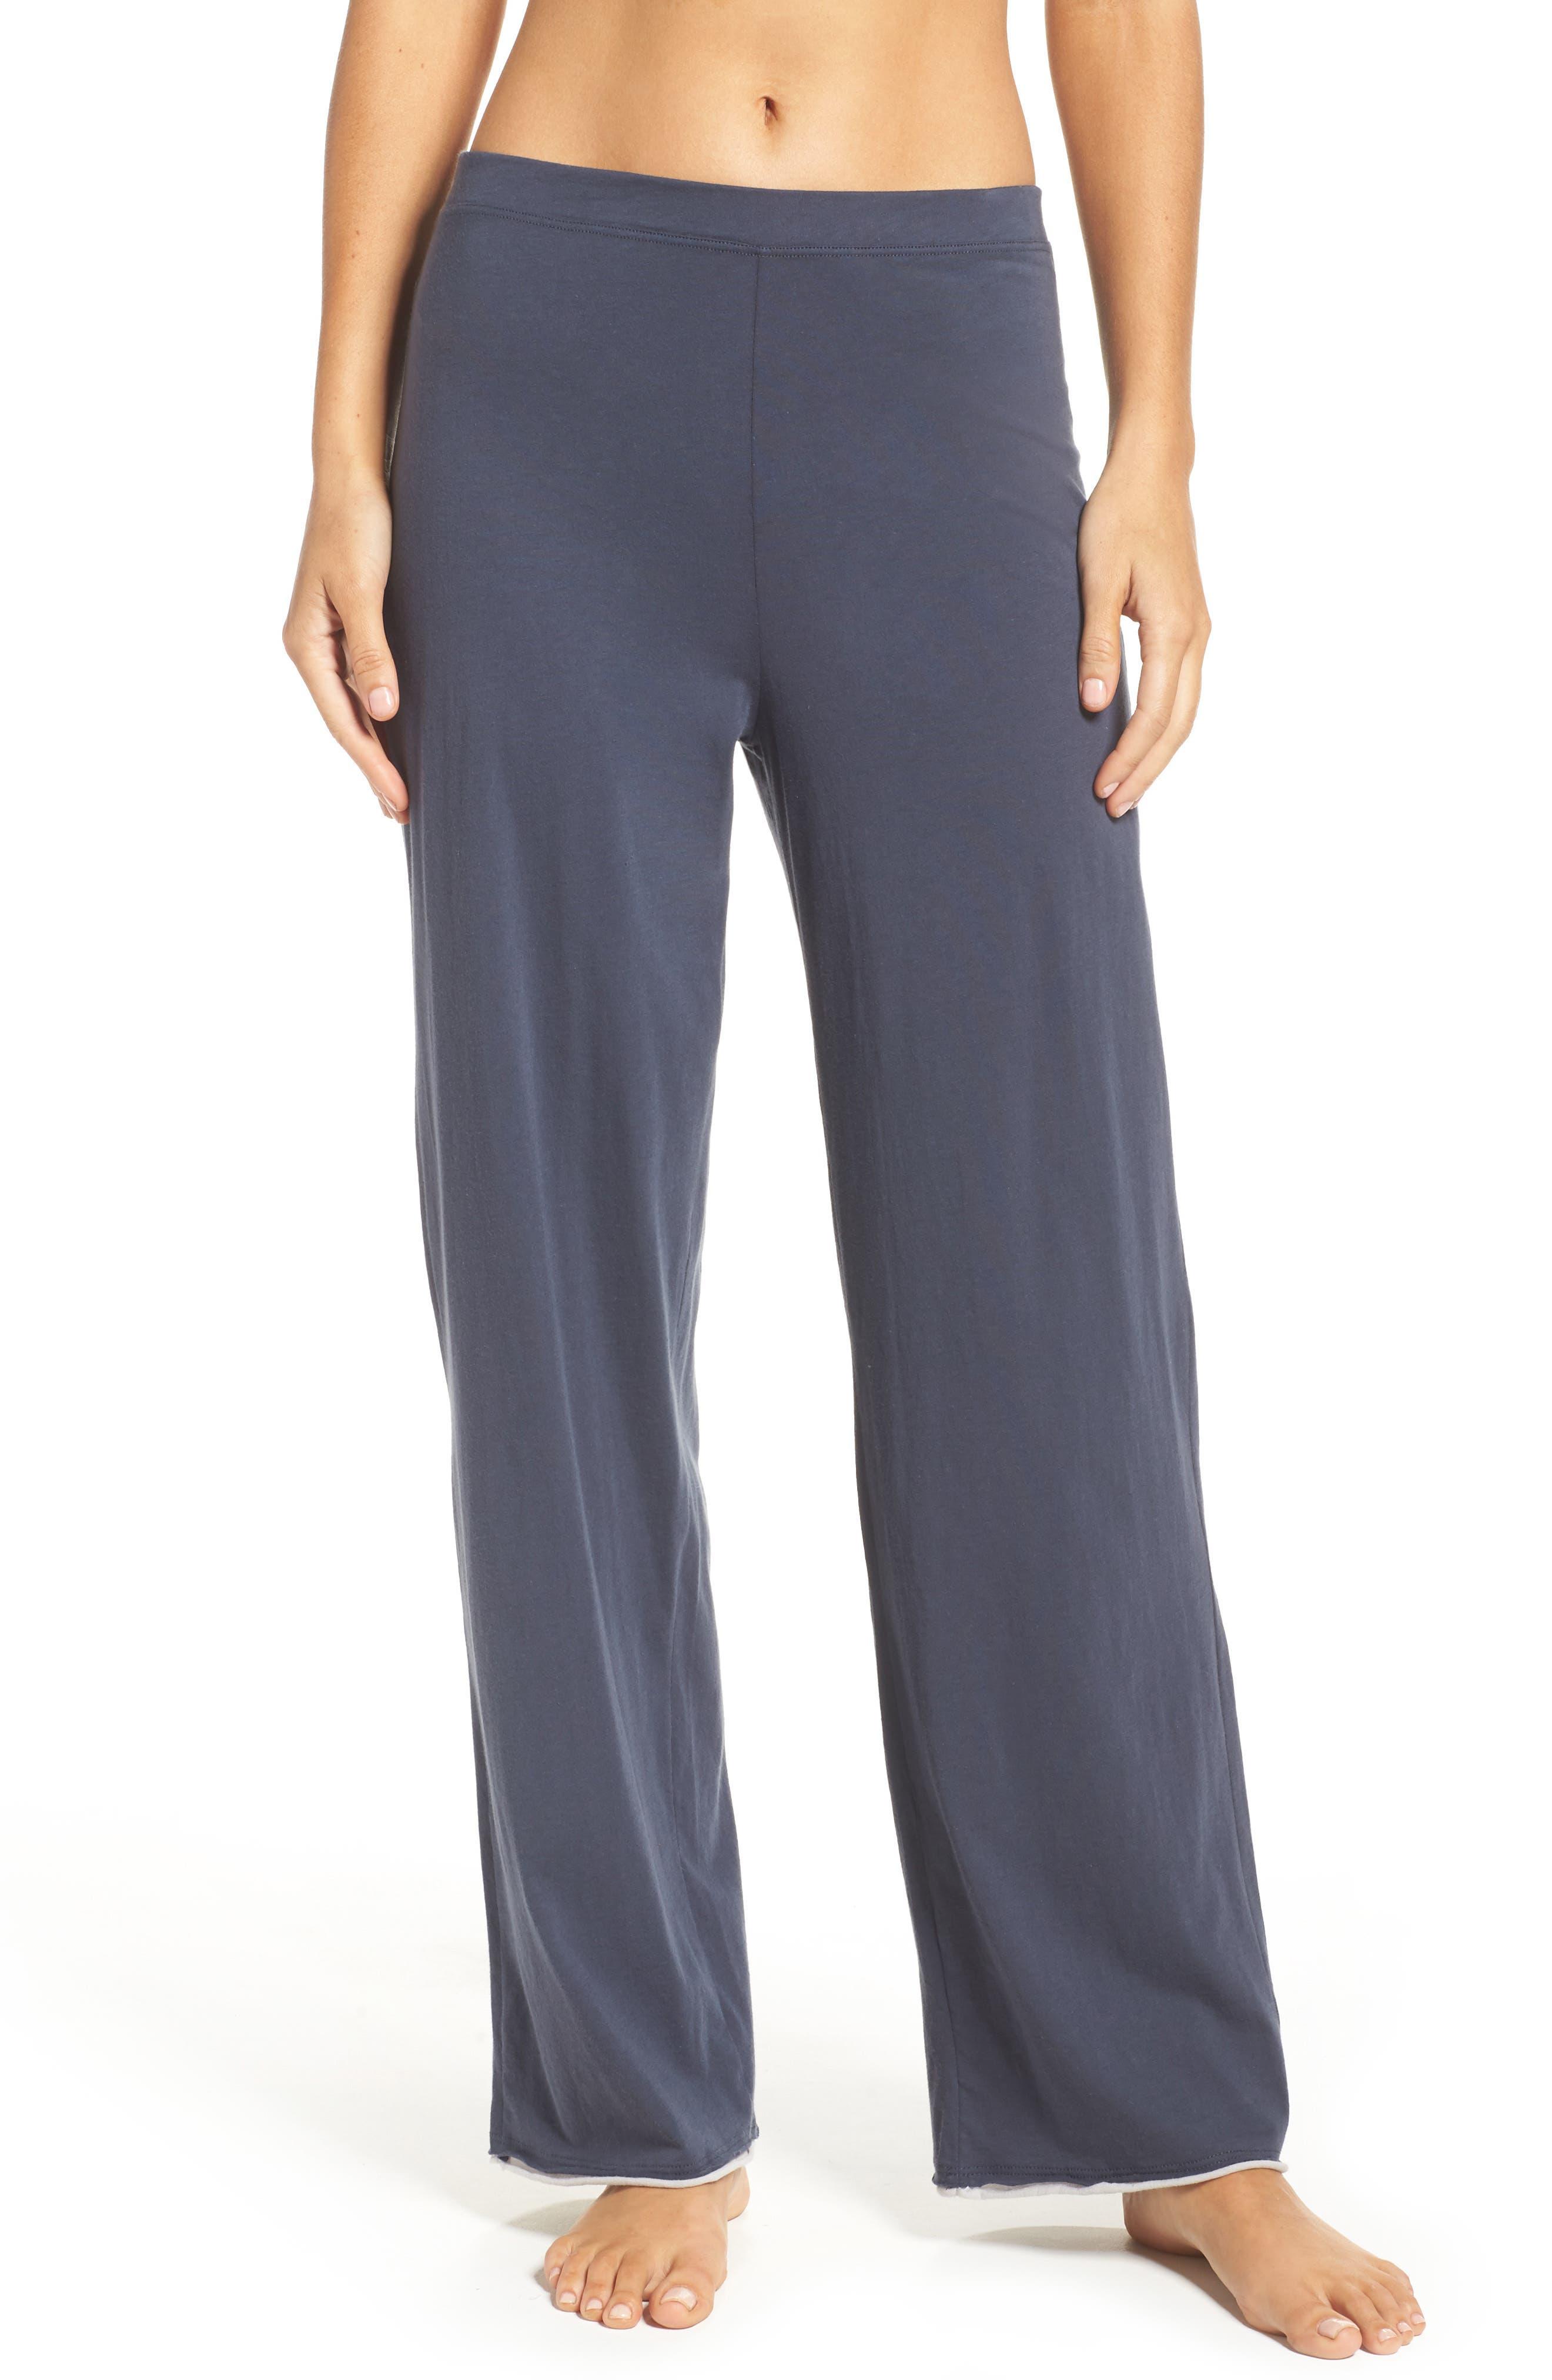 Etta Pima Cotton Pants,                             Main thumbnail 1, color,                             Anchor Blue Cloud